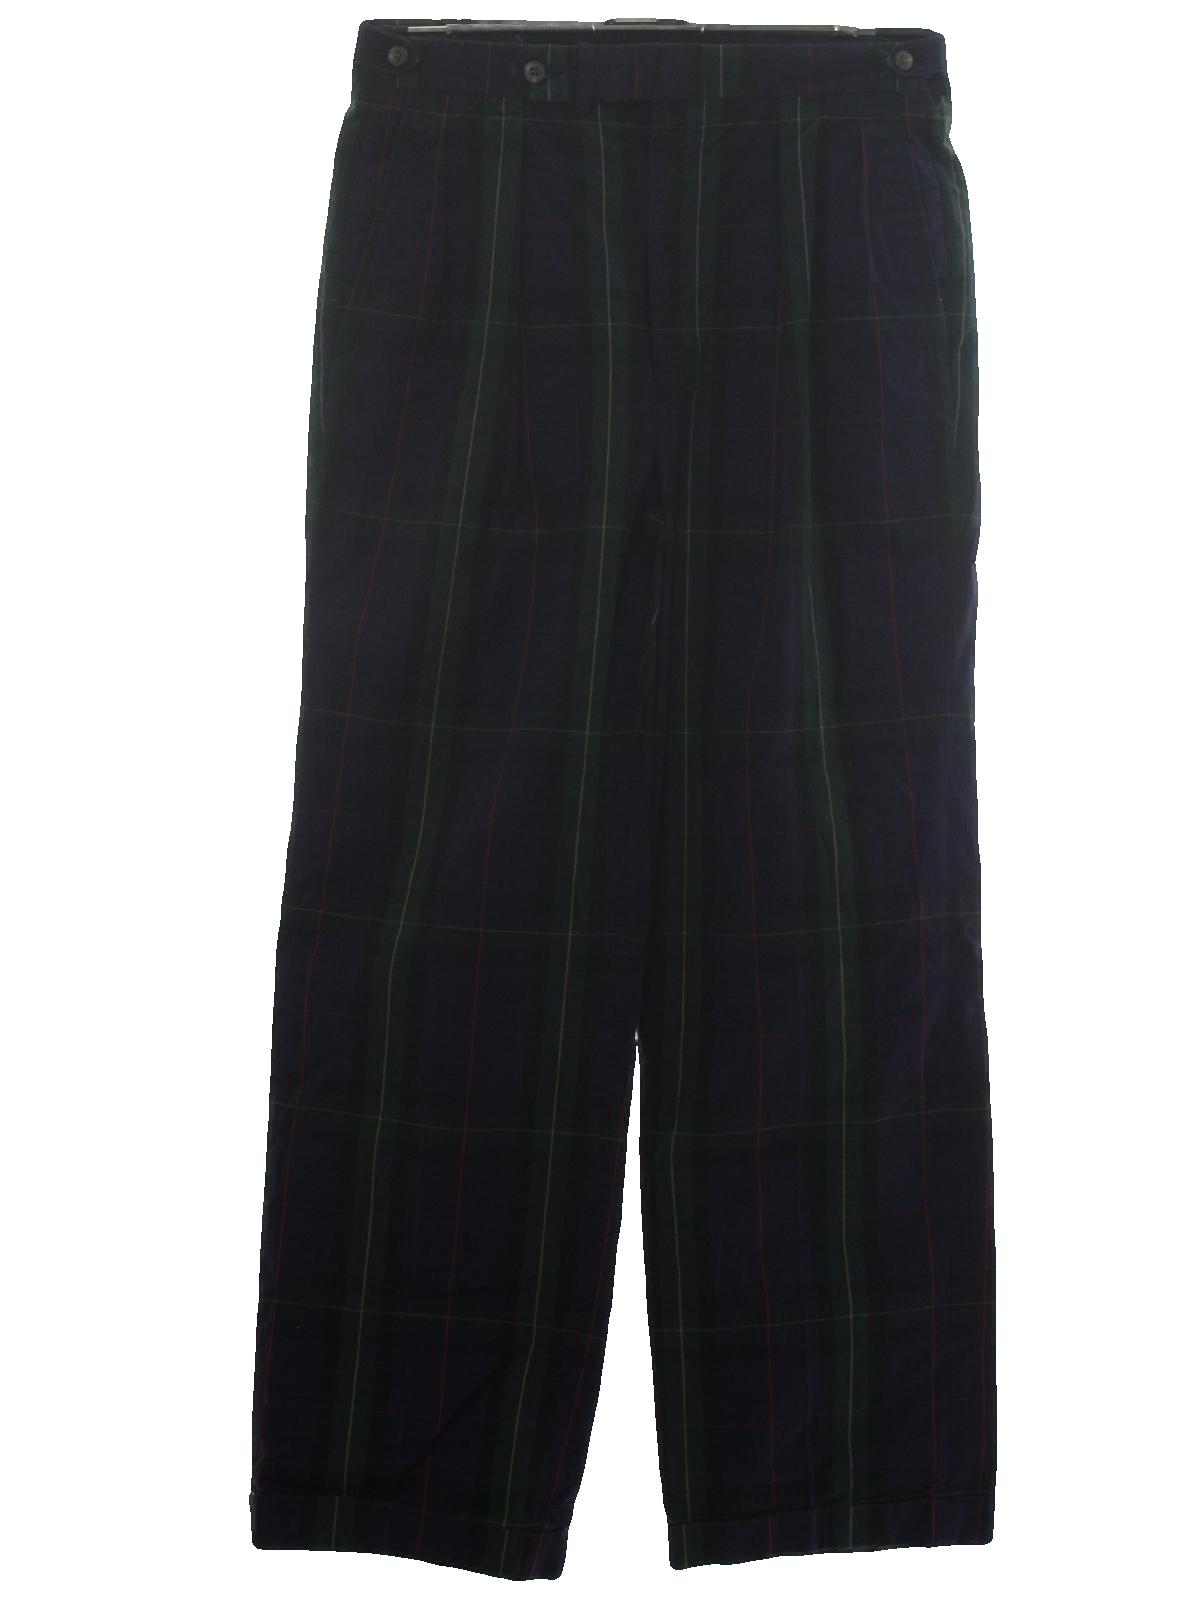 Retro Eighties Pants 80s Polo By Ralph Lauren Mens Navy